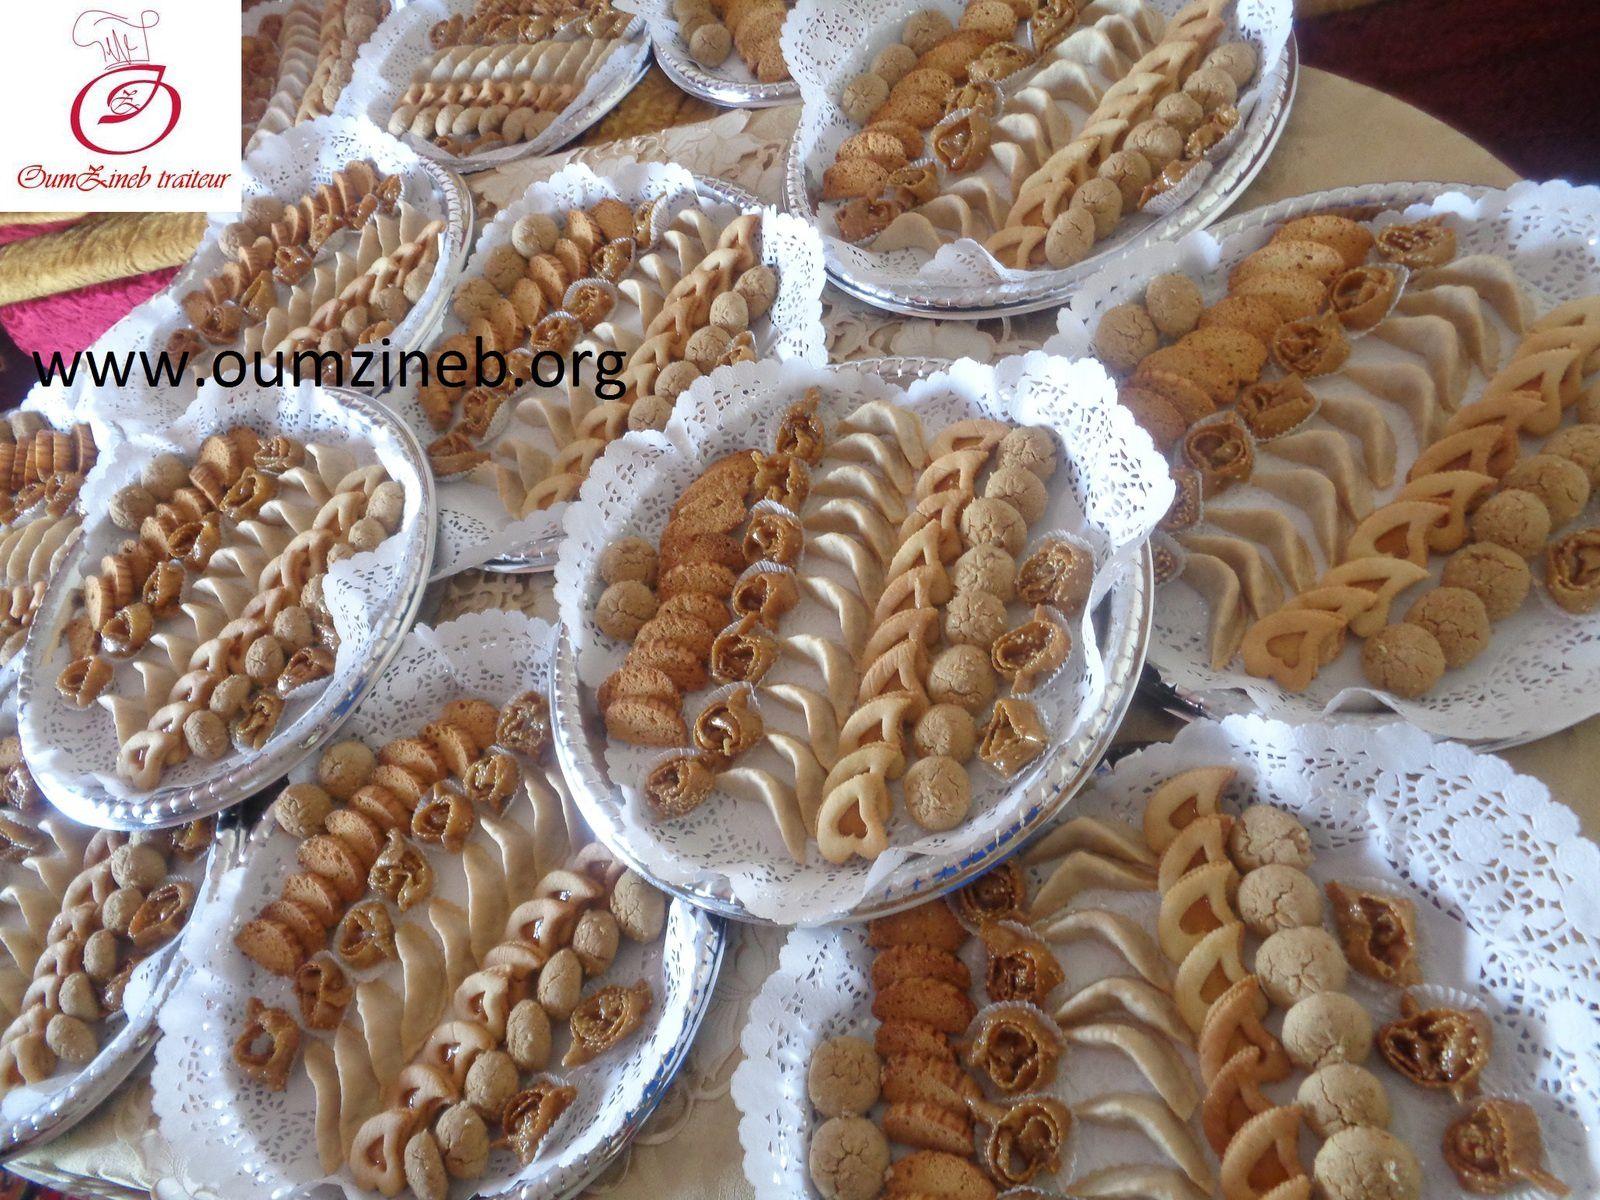 gateaux marocain